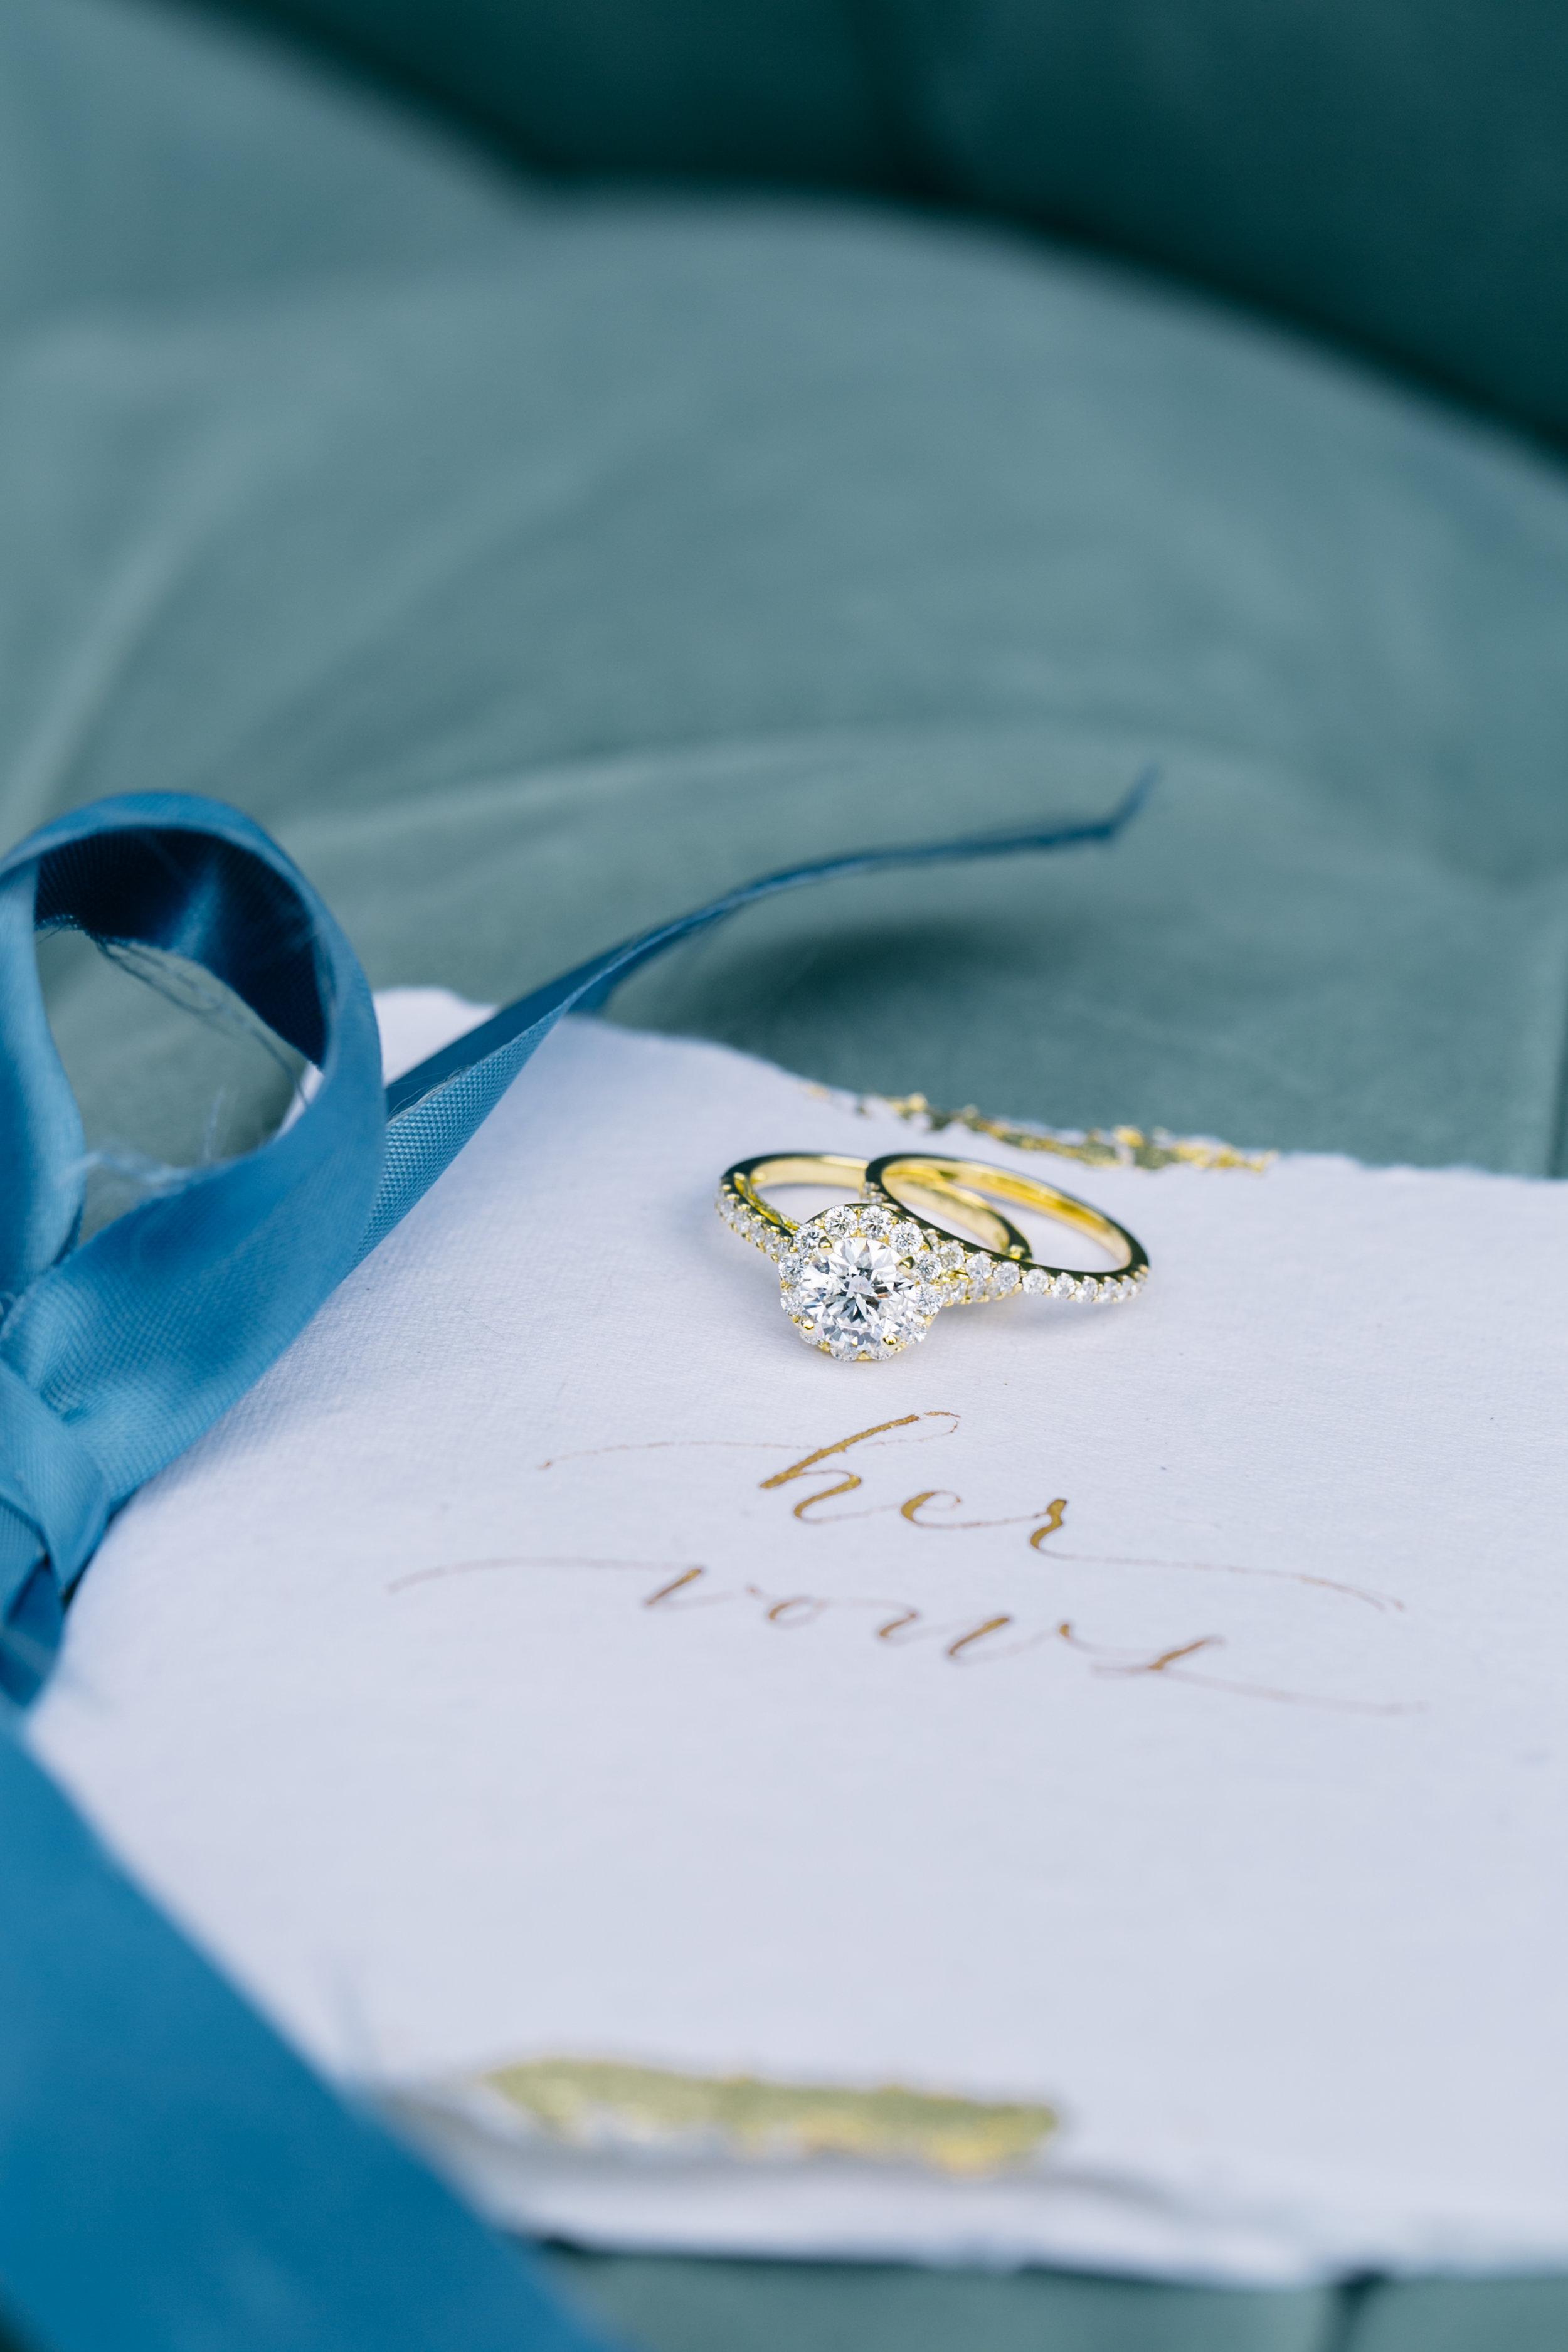 Romantic Wedding Vow Books